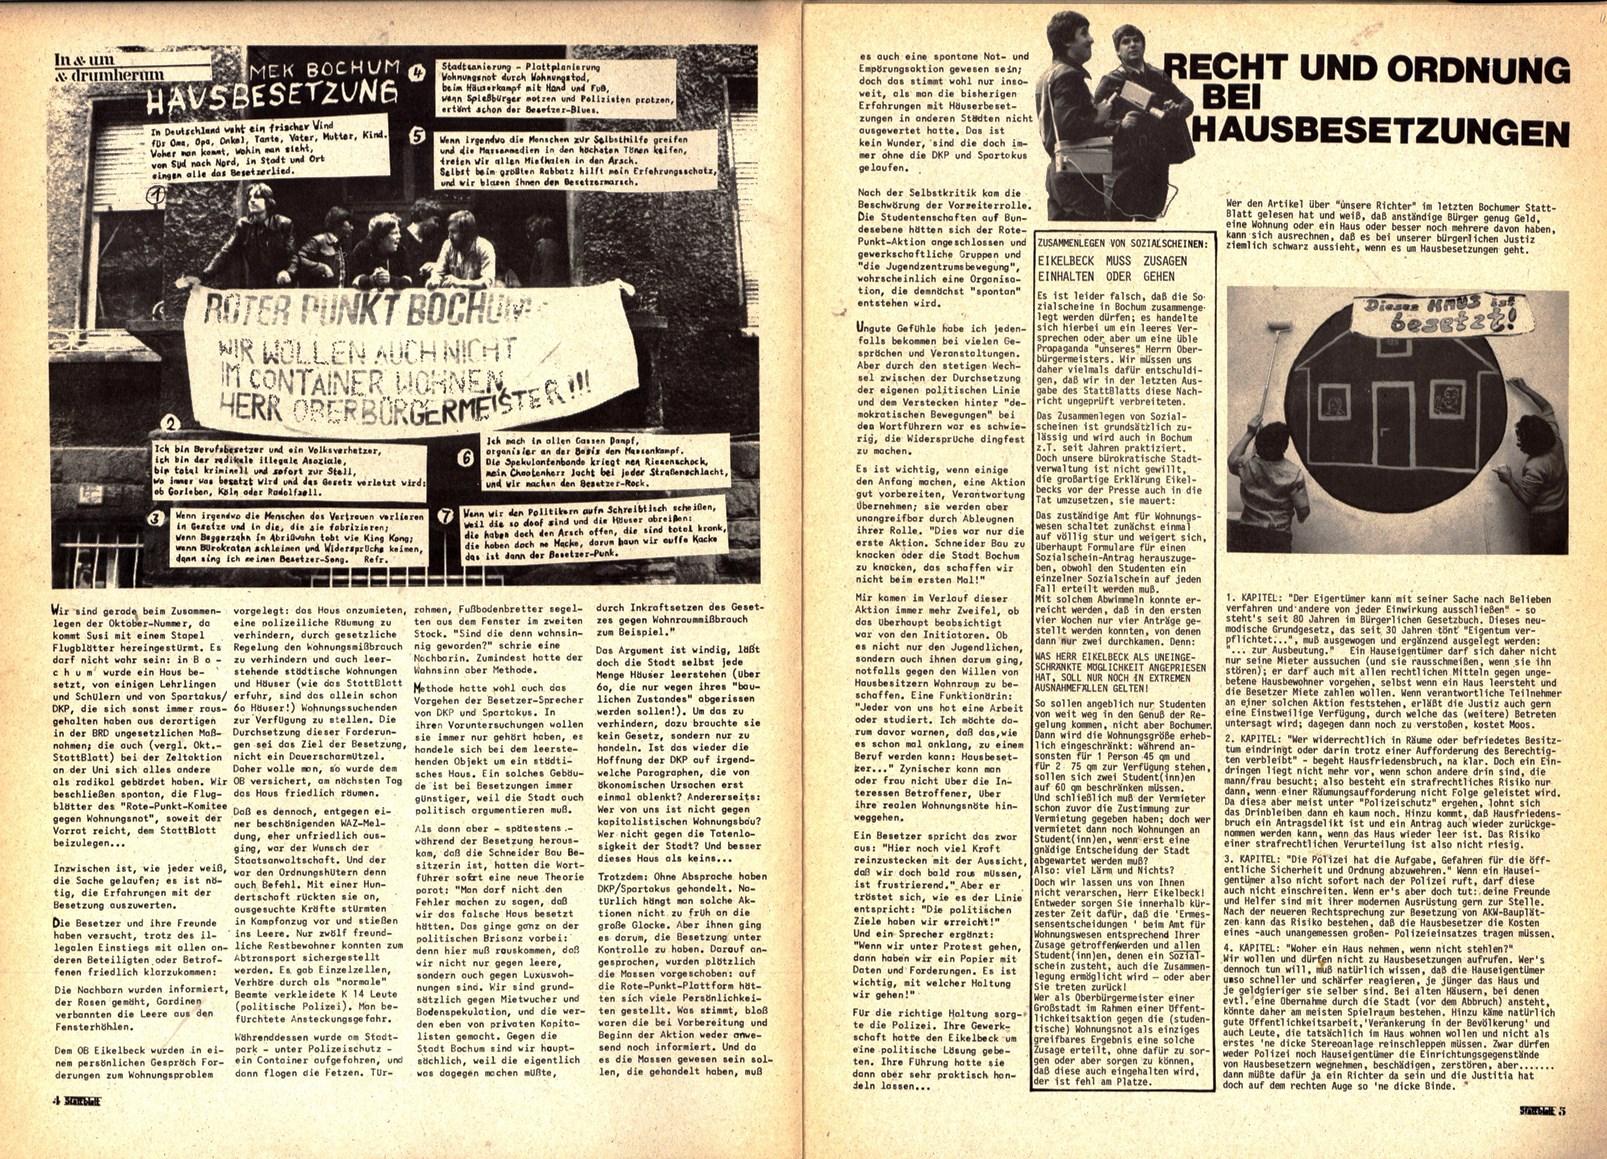 Bochum_Stattblatt_19801100_42_03